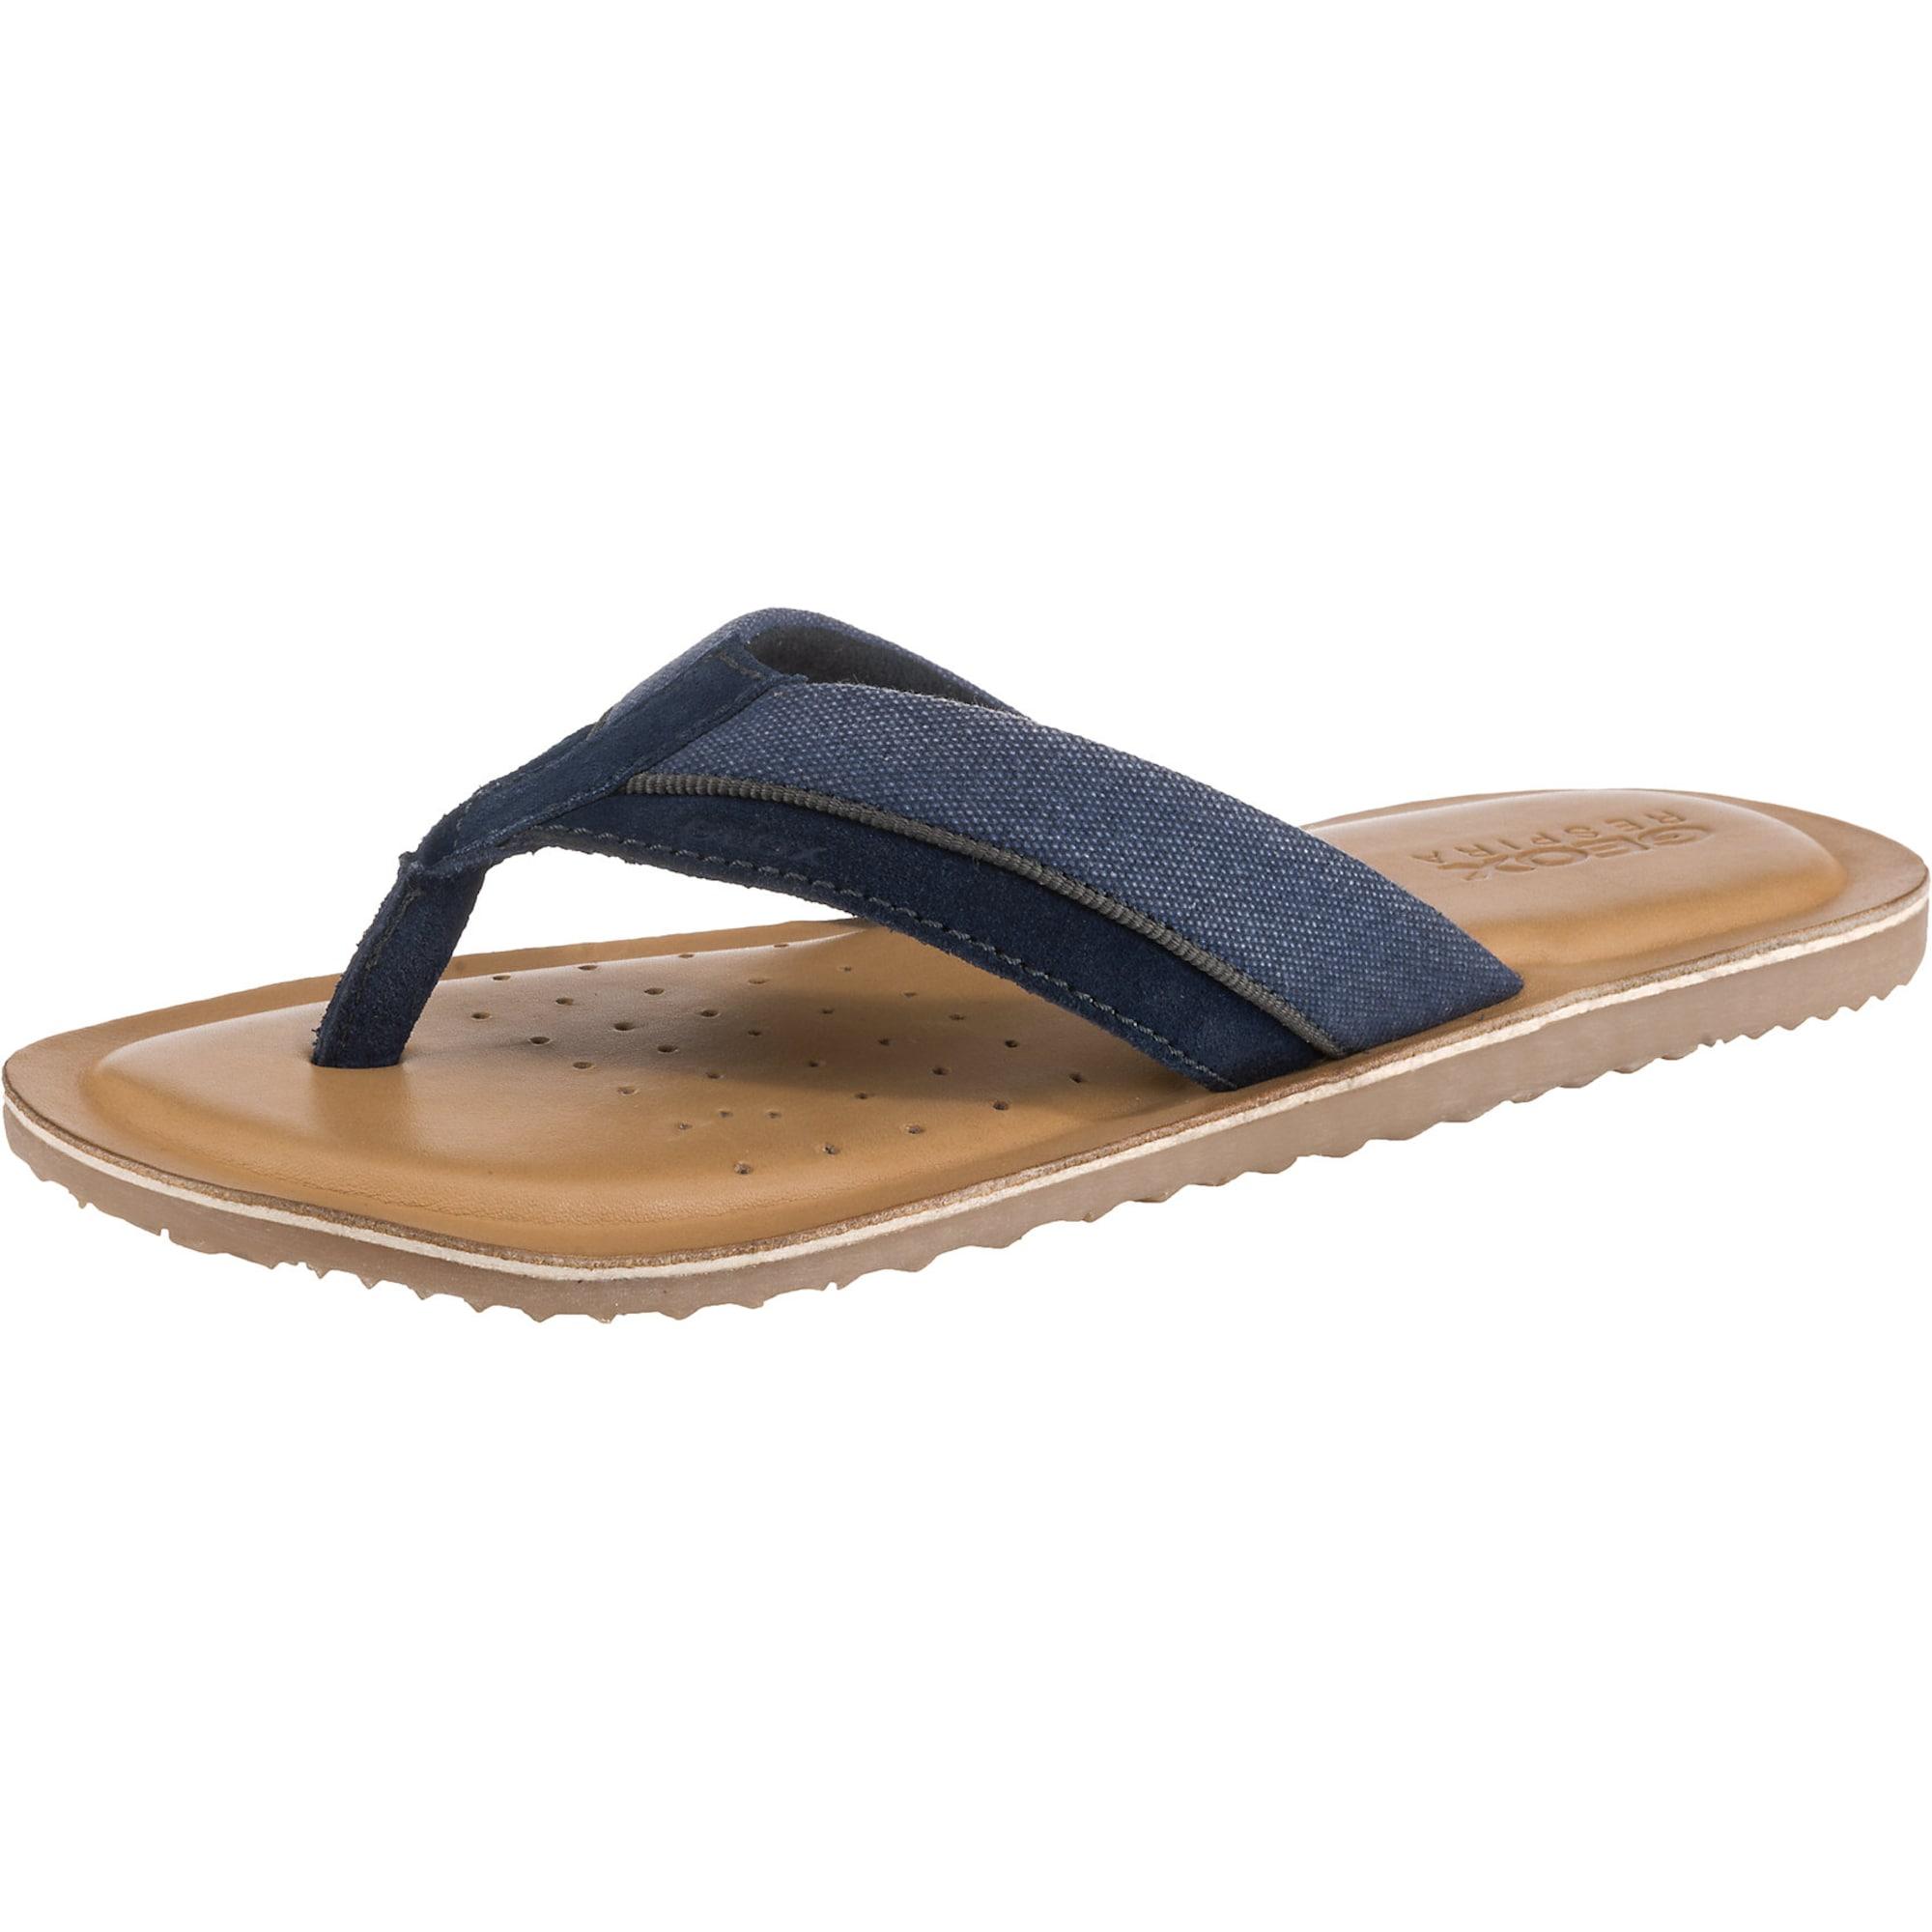 Zehentrenner   Schuhe > Sandalen & Zehentrenner > Zehentrenner   Blau   Geox